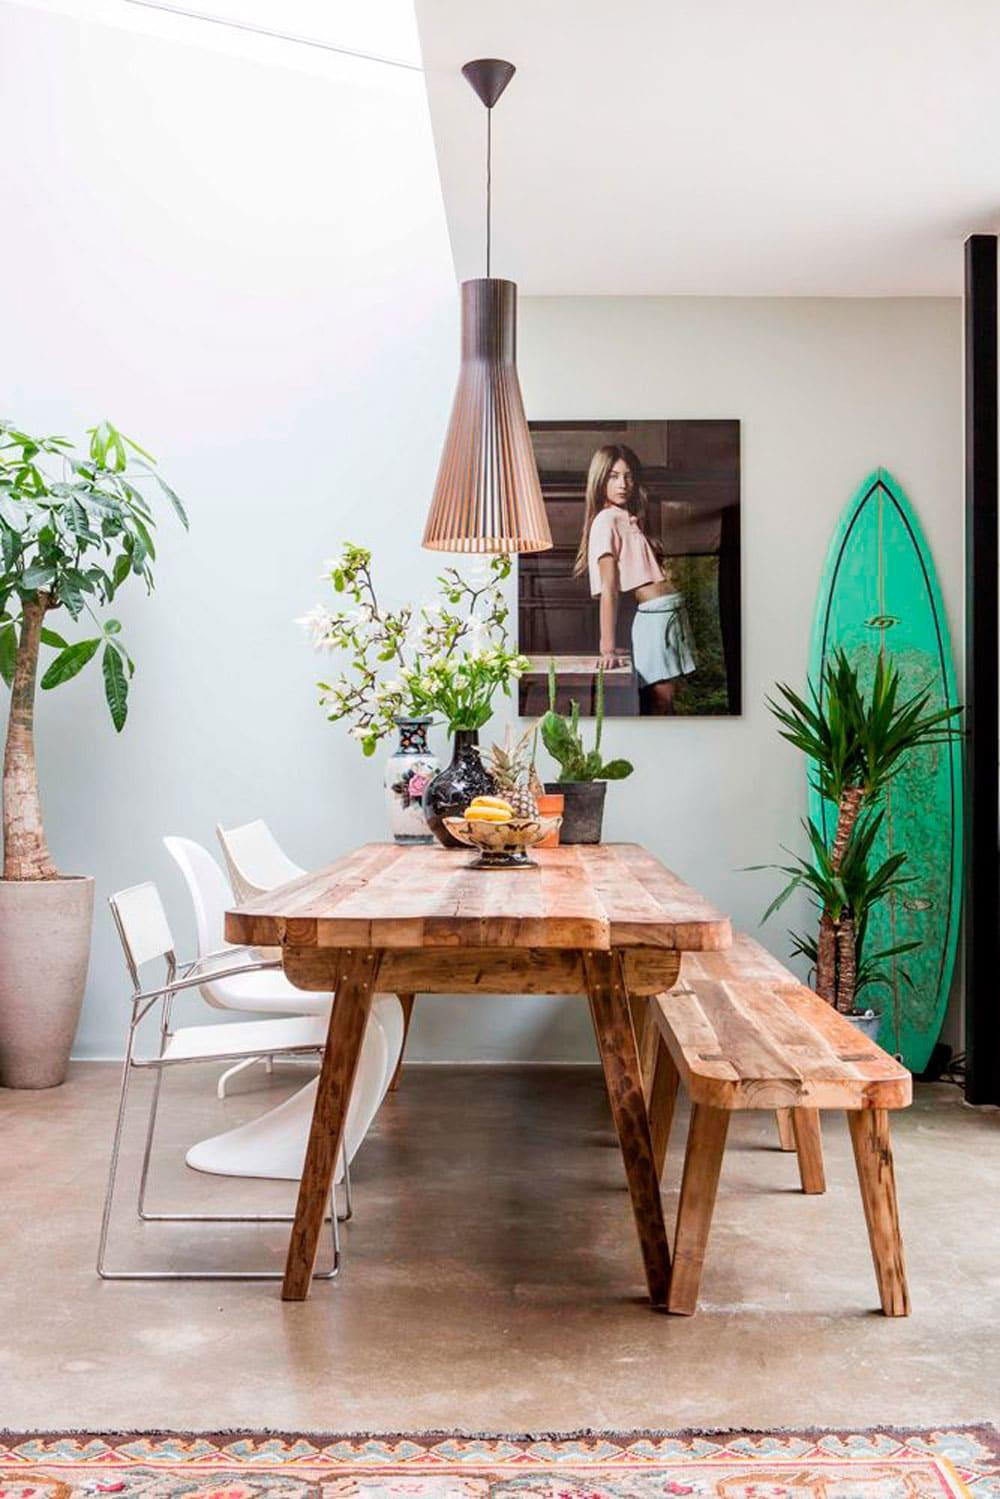 esstisch hoch sthle holz hell honig esstisch bistrotisch tisch ca x cmx cm hoch with esstisch. Black Bedroom Furniture Sets. Home Design Ideas